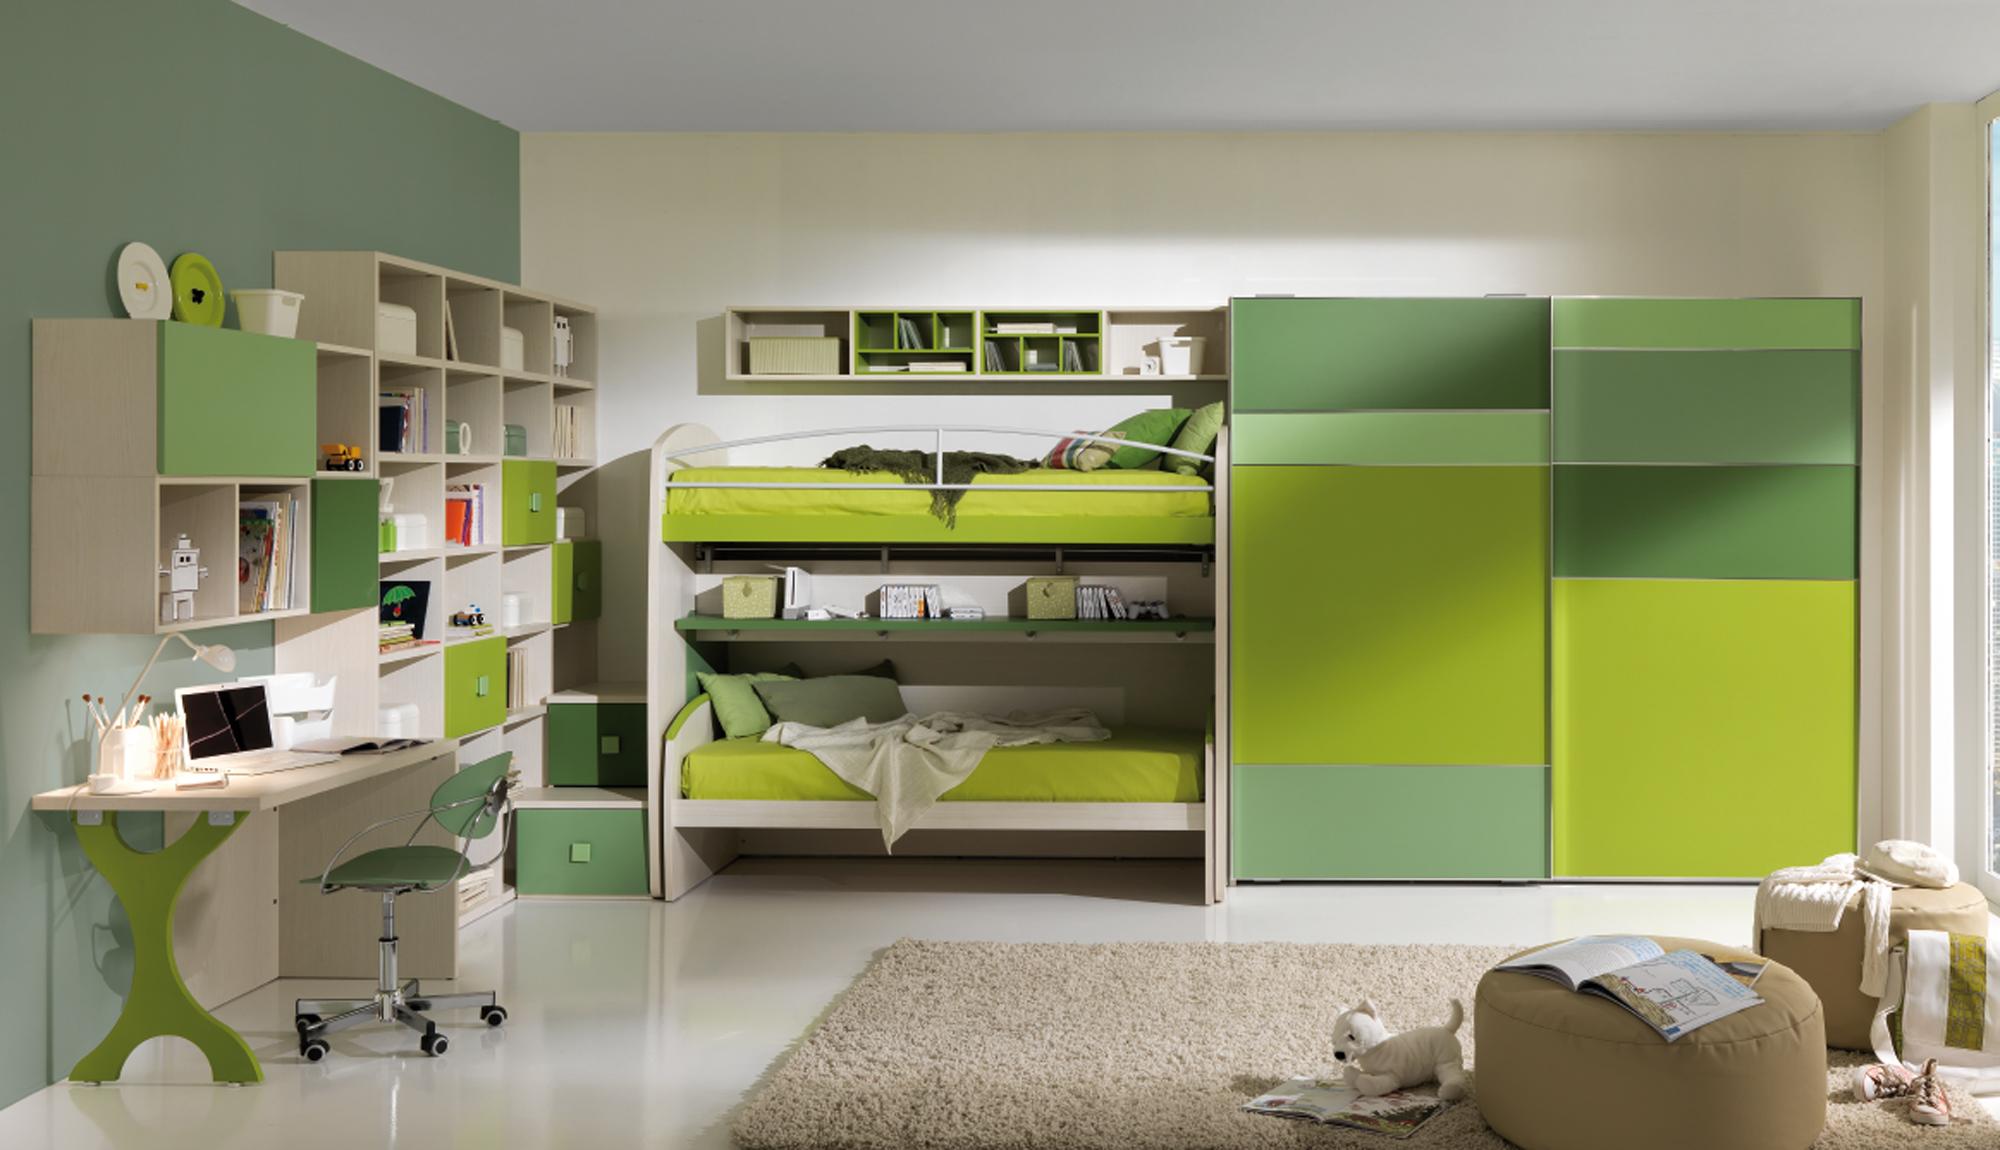 Casa design - Camerette grancasa ...